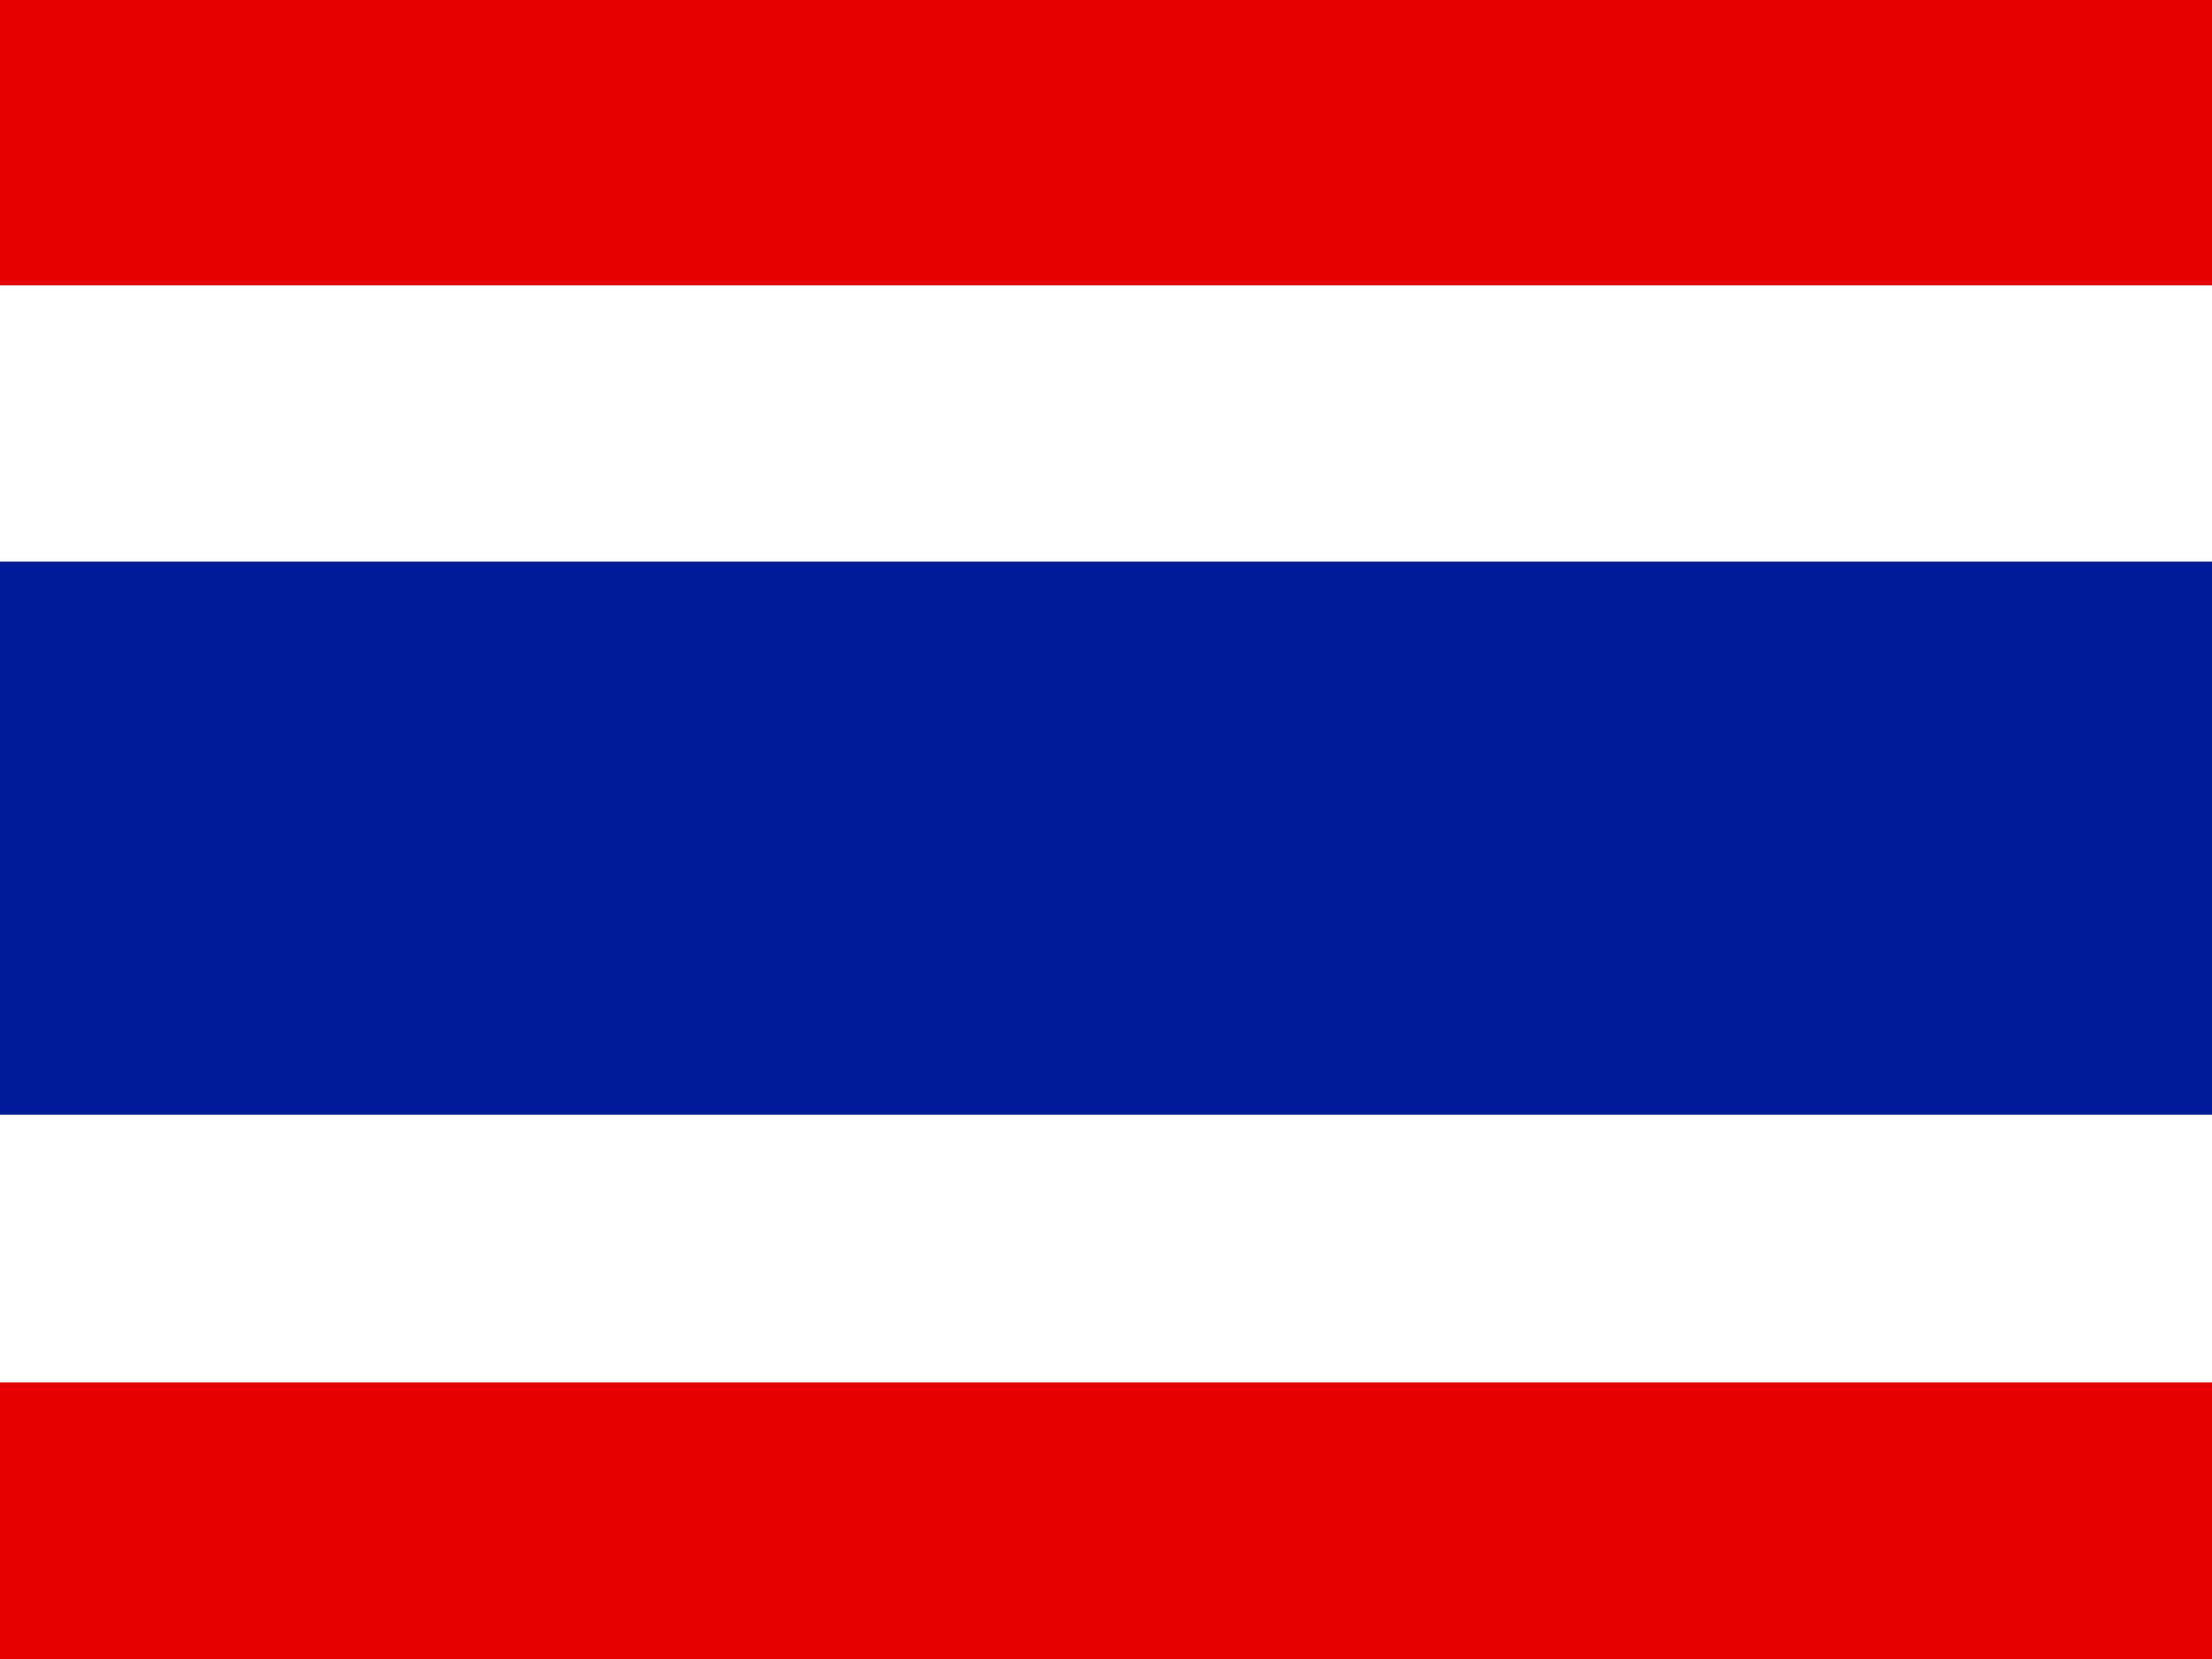 Verkaufen bei Amazon Thailand